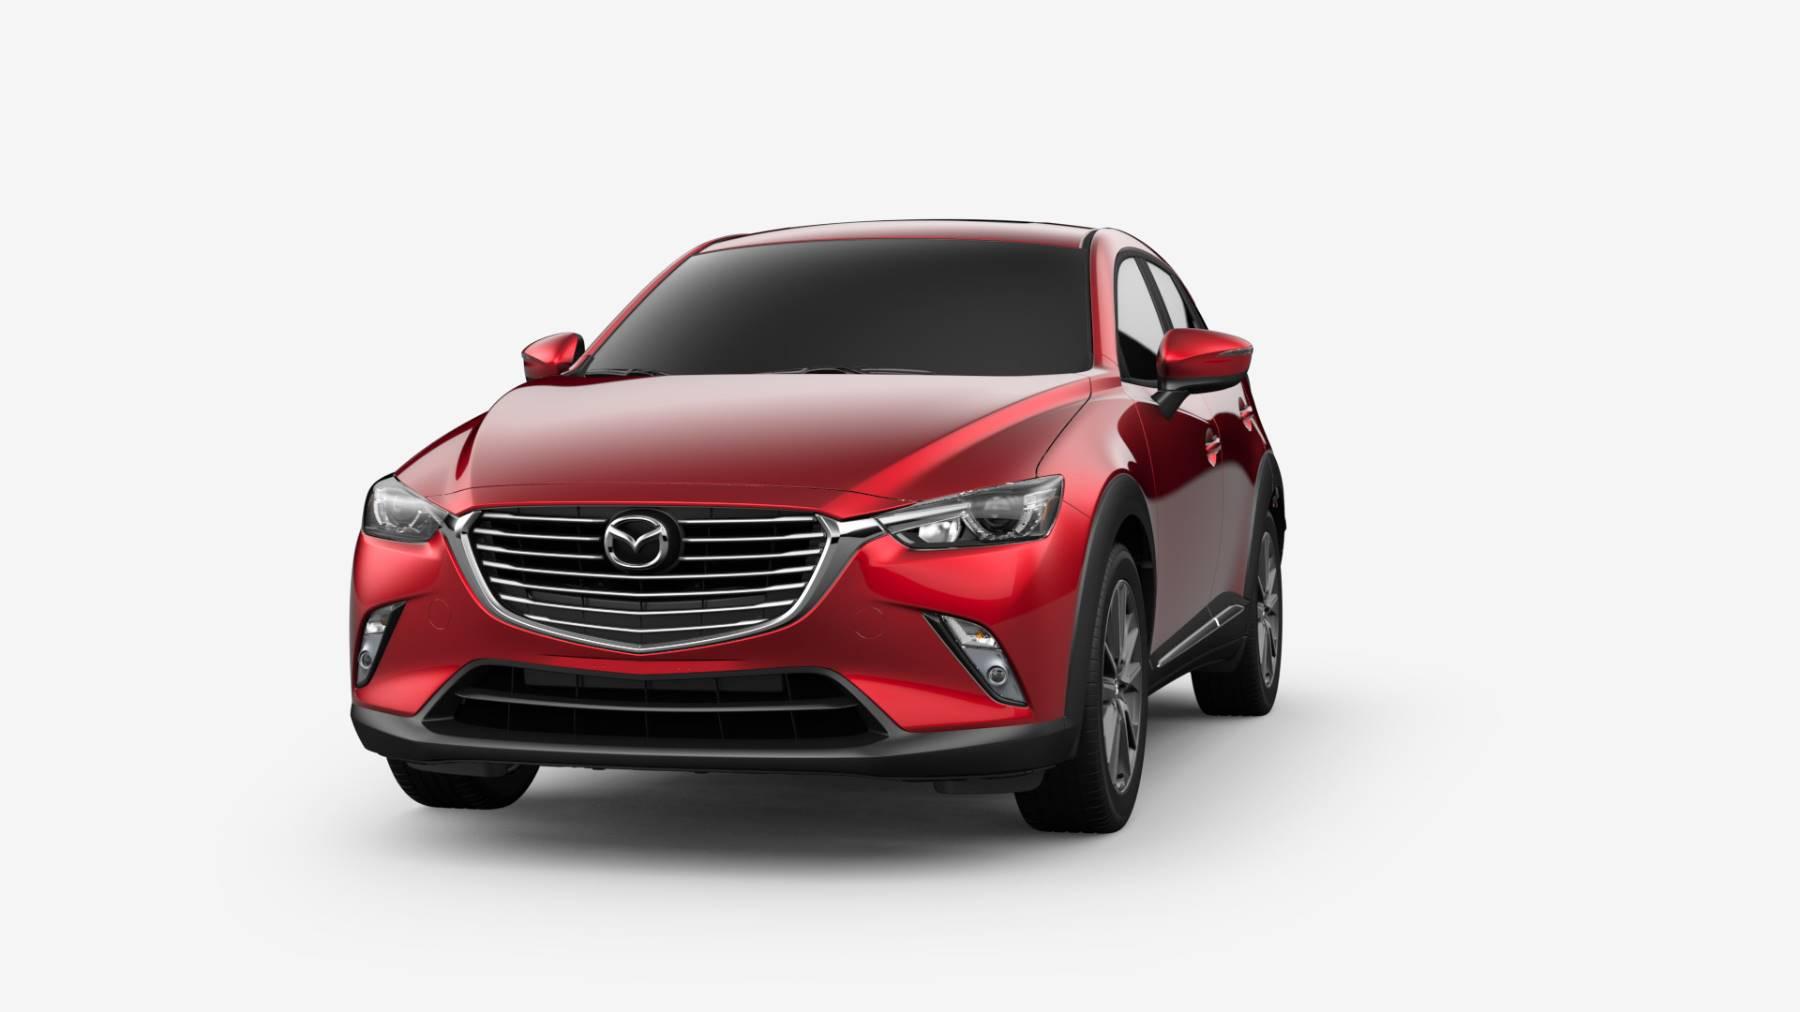 Mazda Cx Subcompact Crossover Compact Suv Mazda Usa